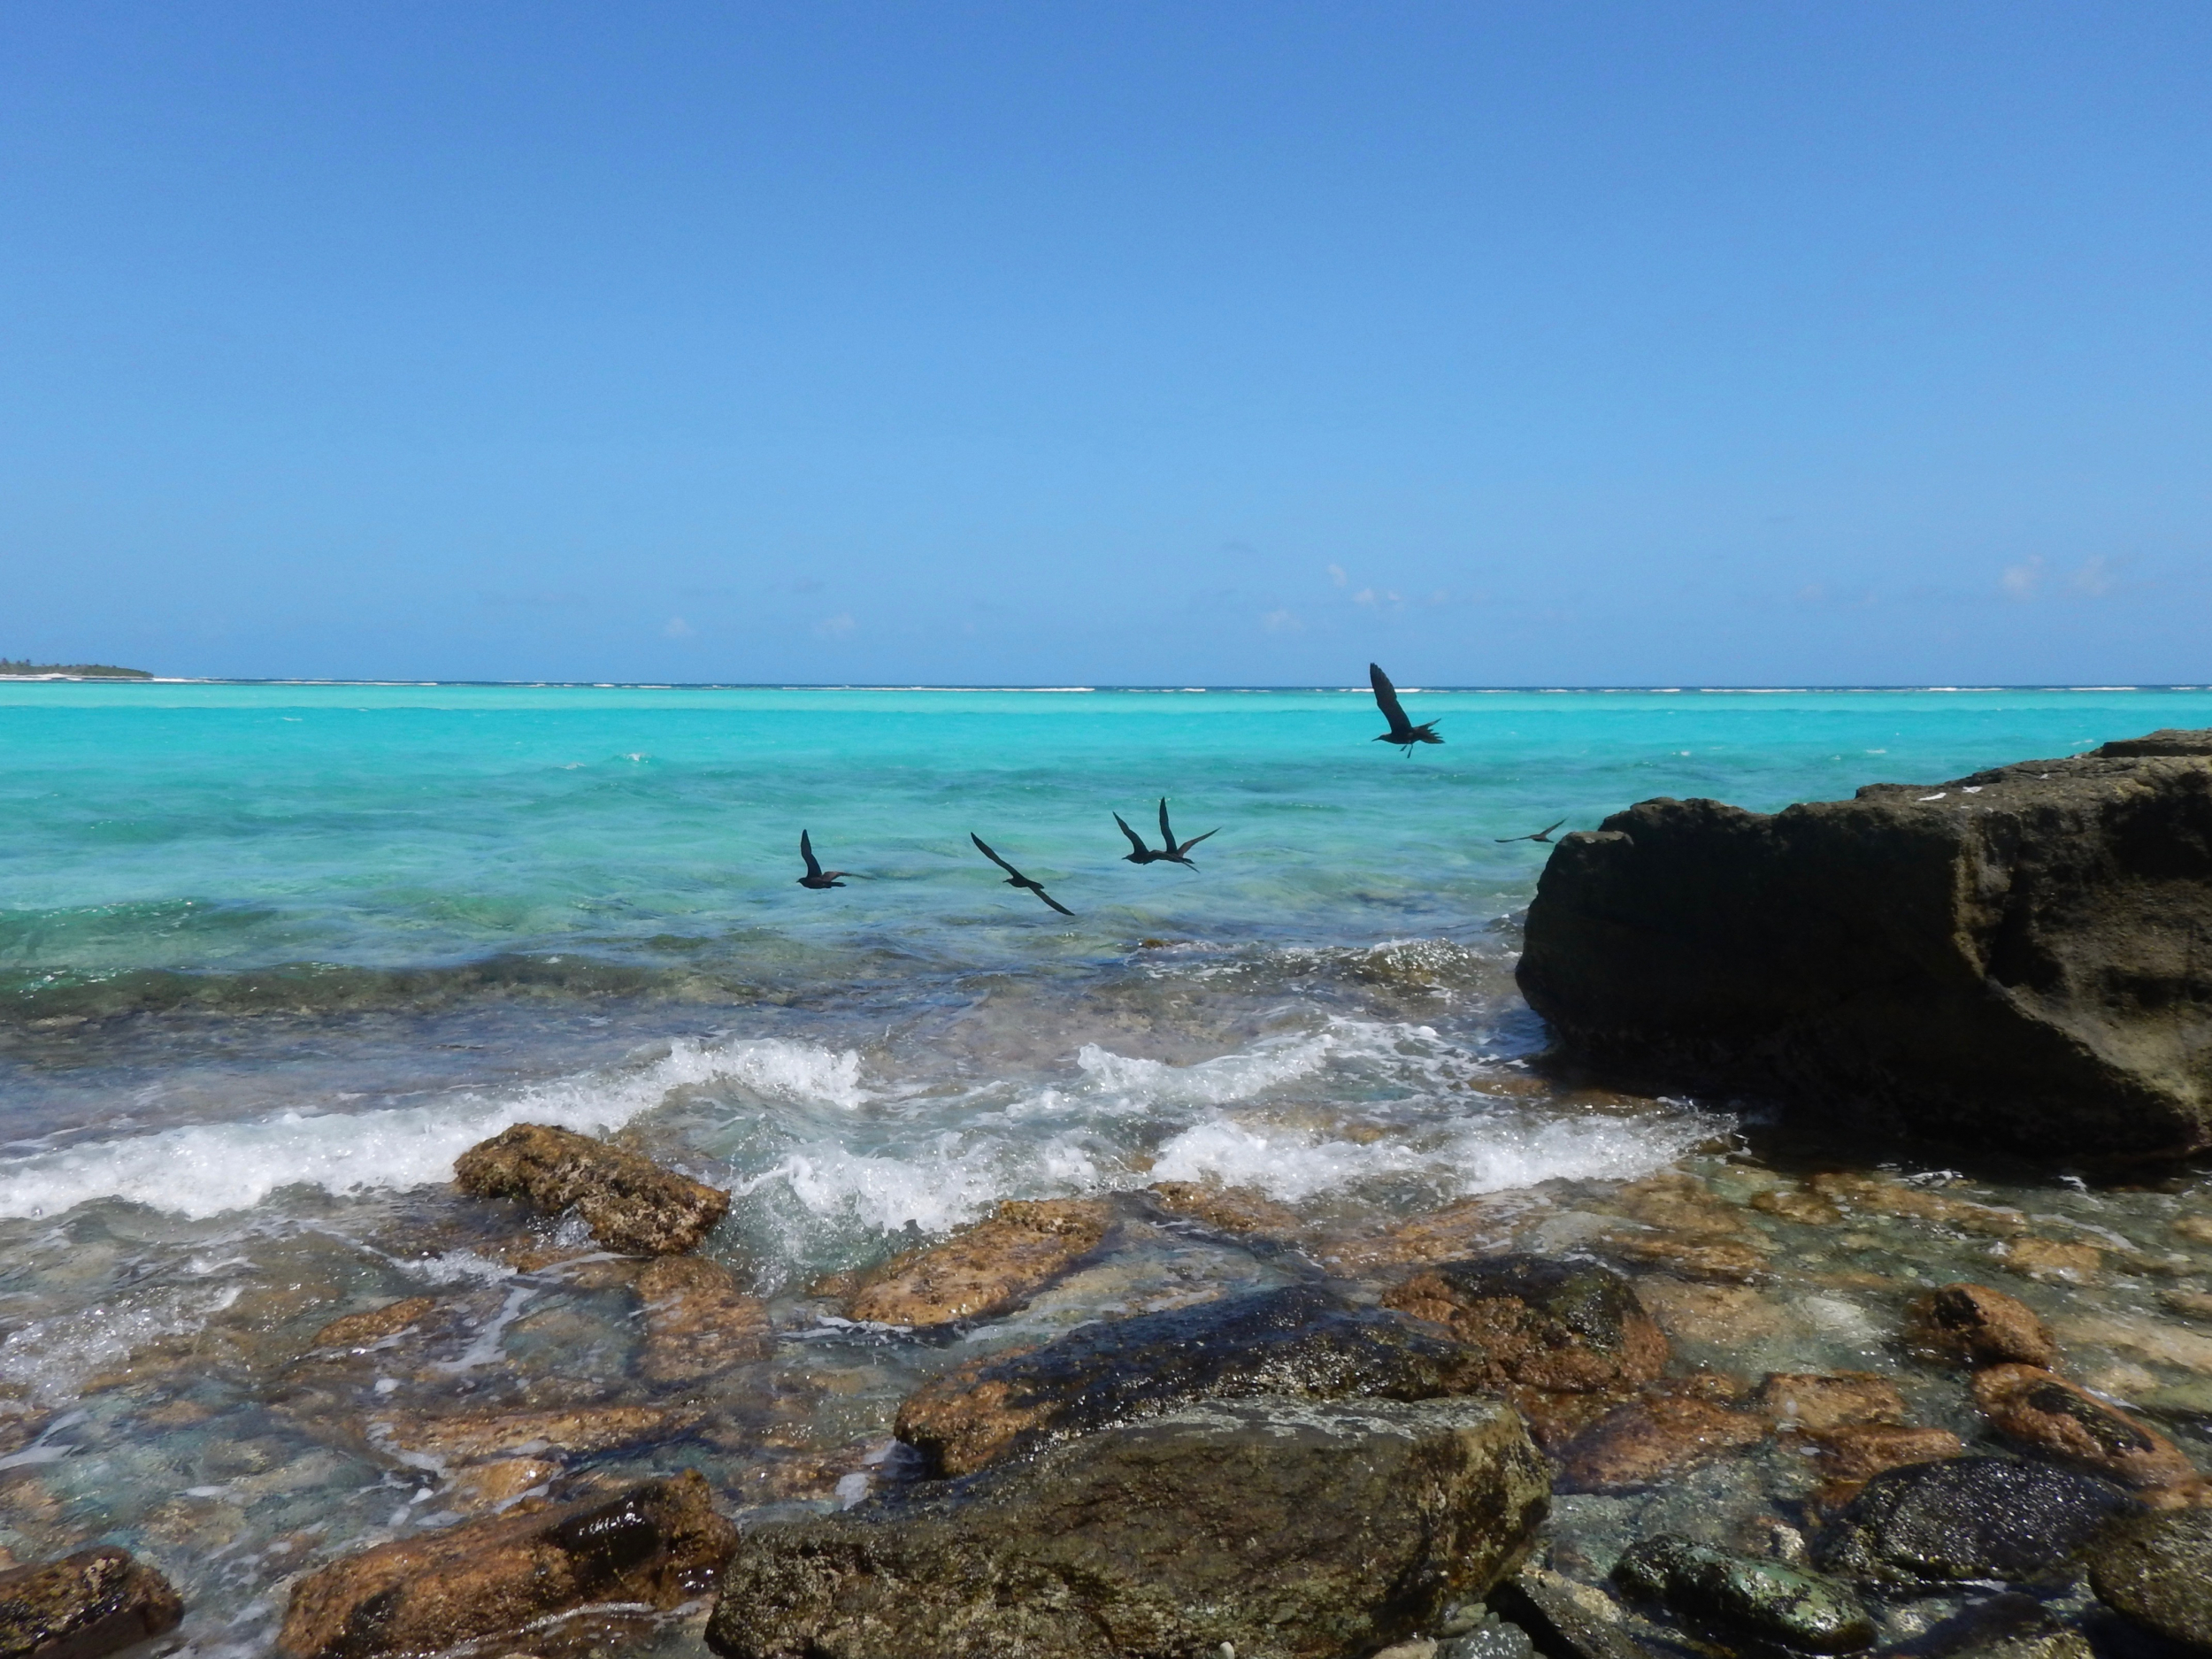 19. Jamesby Idland, Tobago Cays